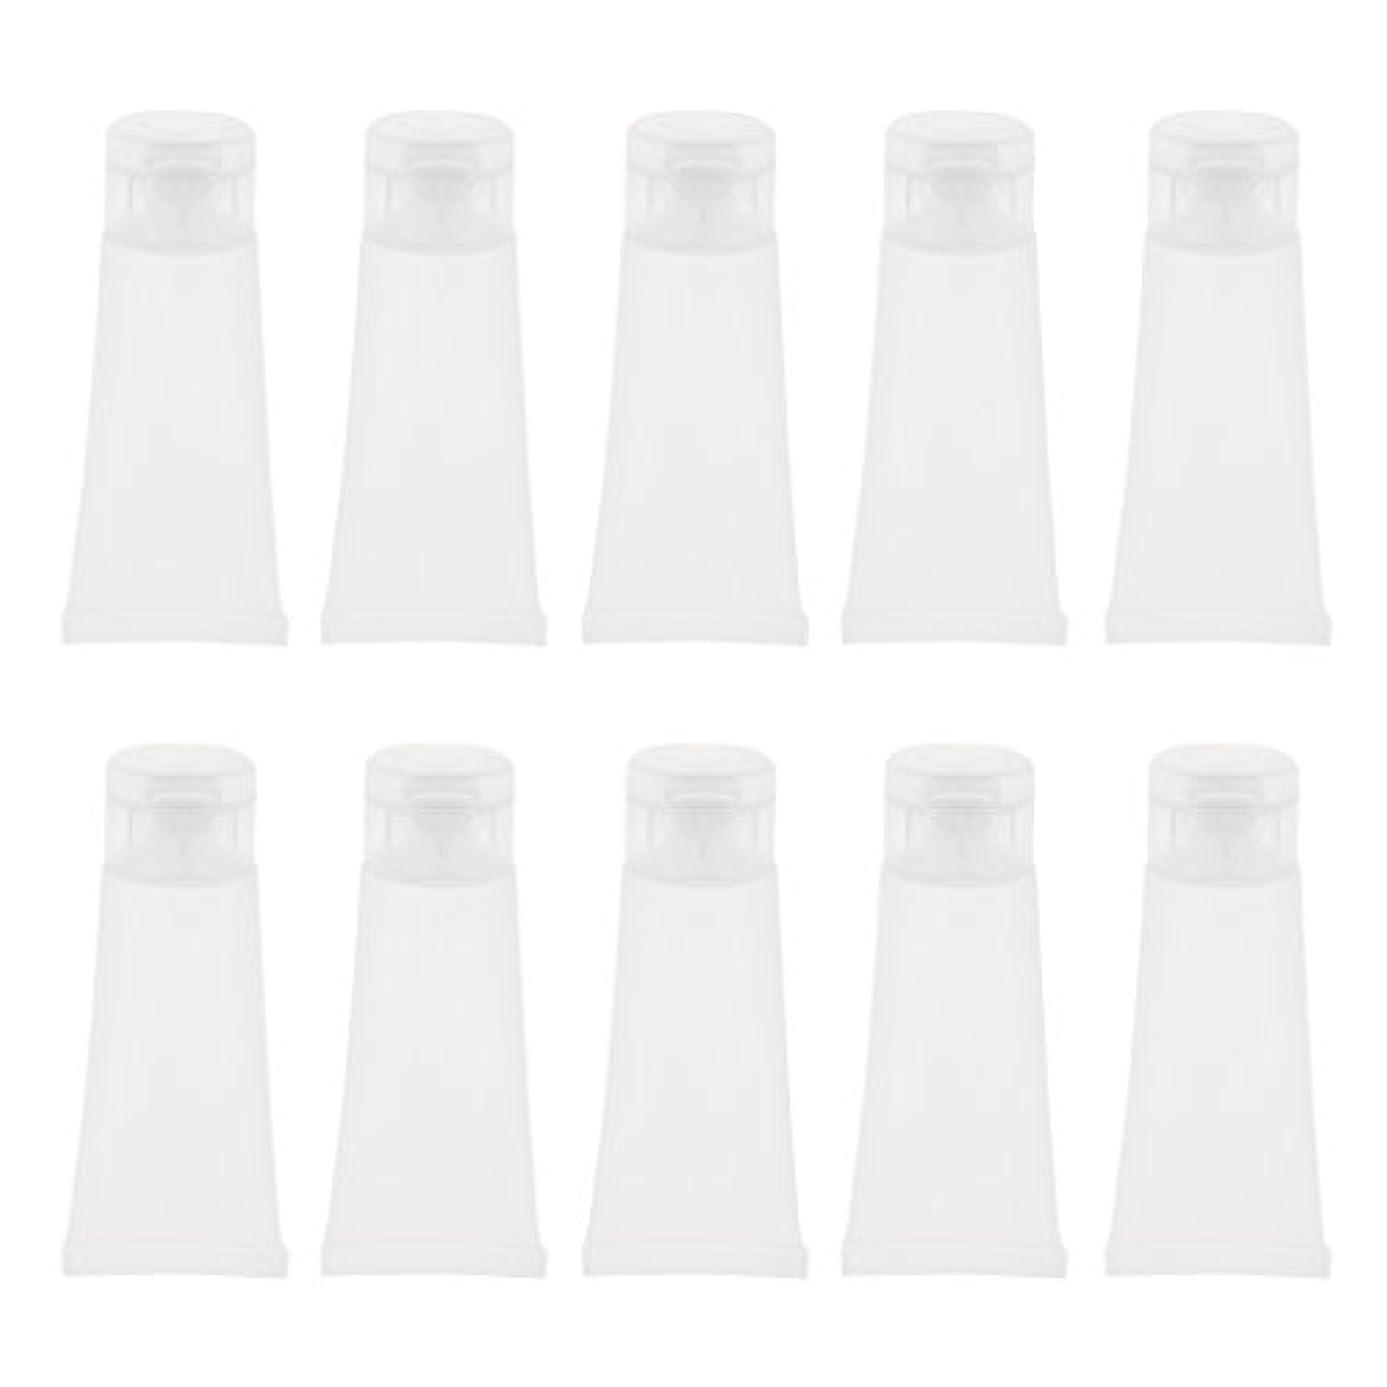 フライカイト冷蔵庫柔らかい10個 空チューブ クリームチューブ 空ボトル コスメ 詰替え DIY 2サイズ選べる - 15g